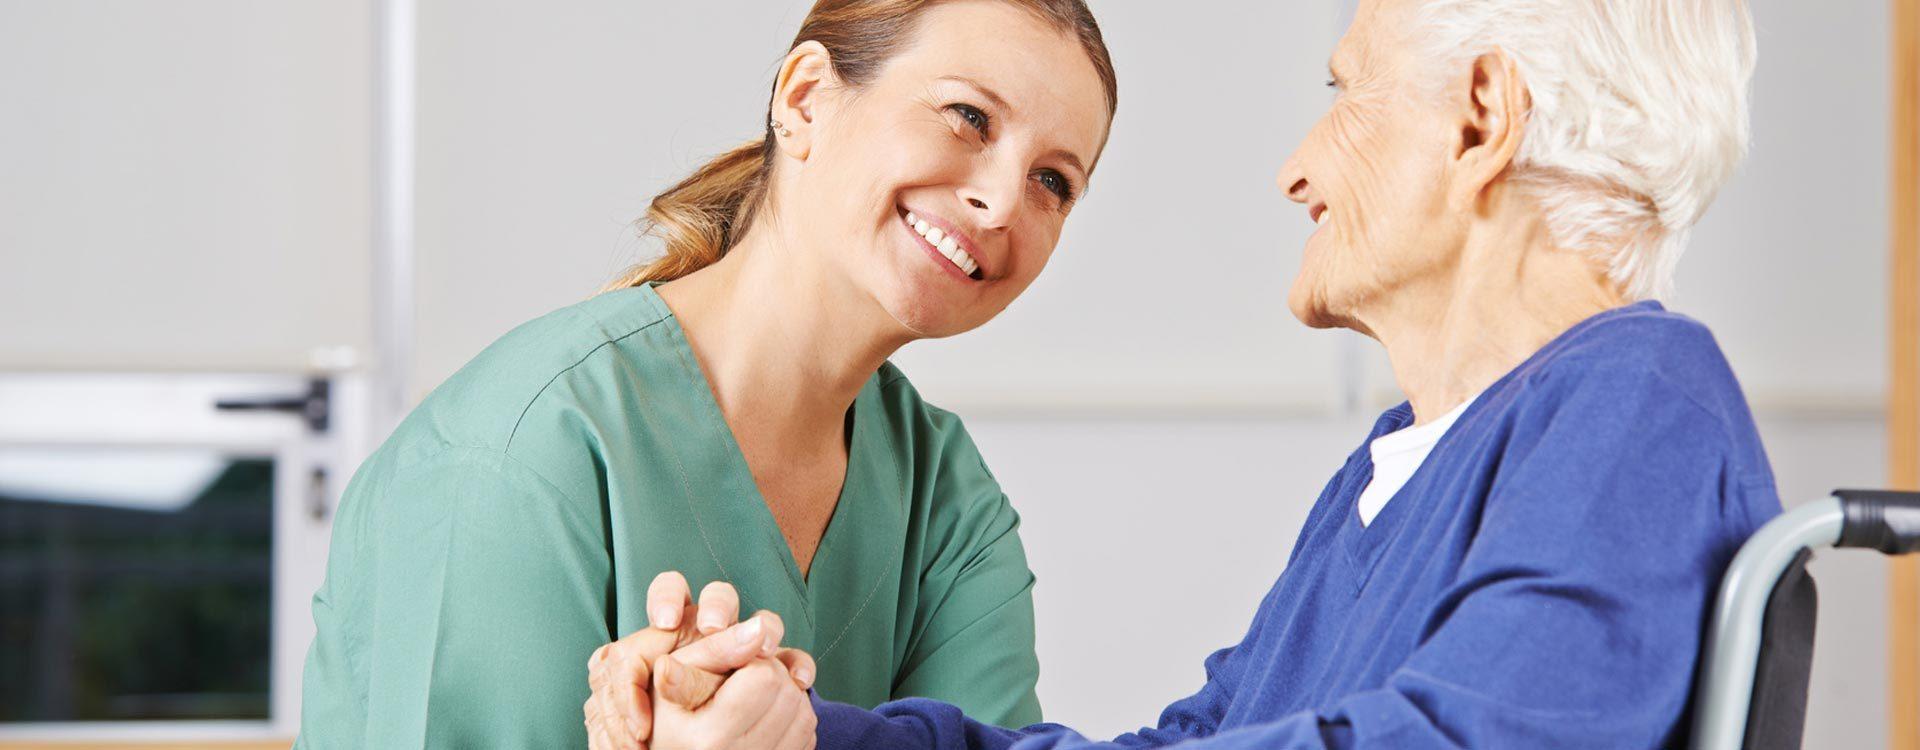 Pflegedienst Hermine, wir unterstützen Sie.